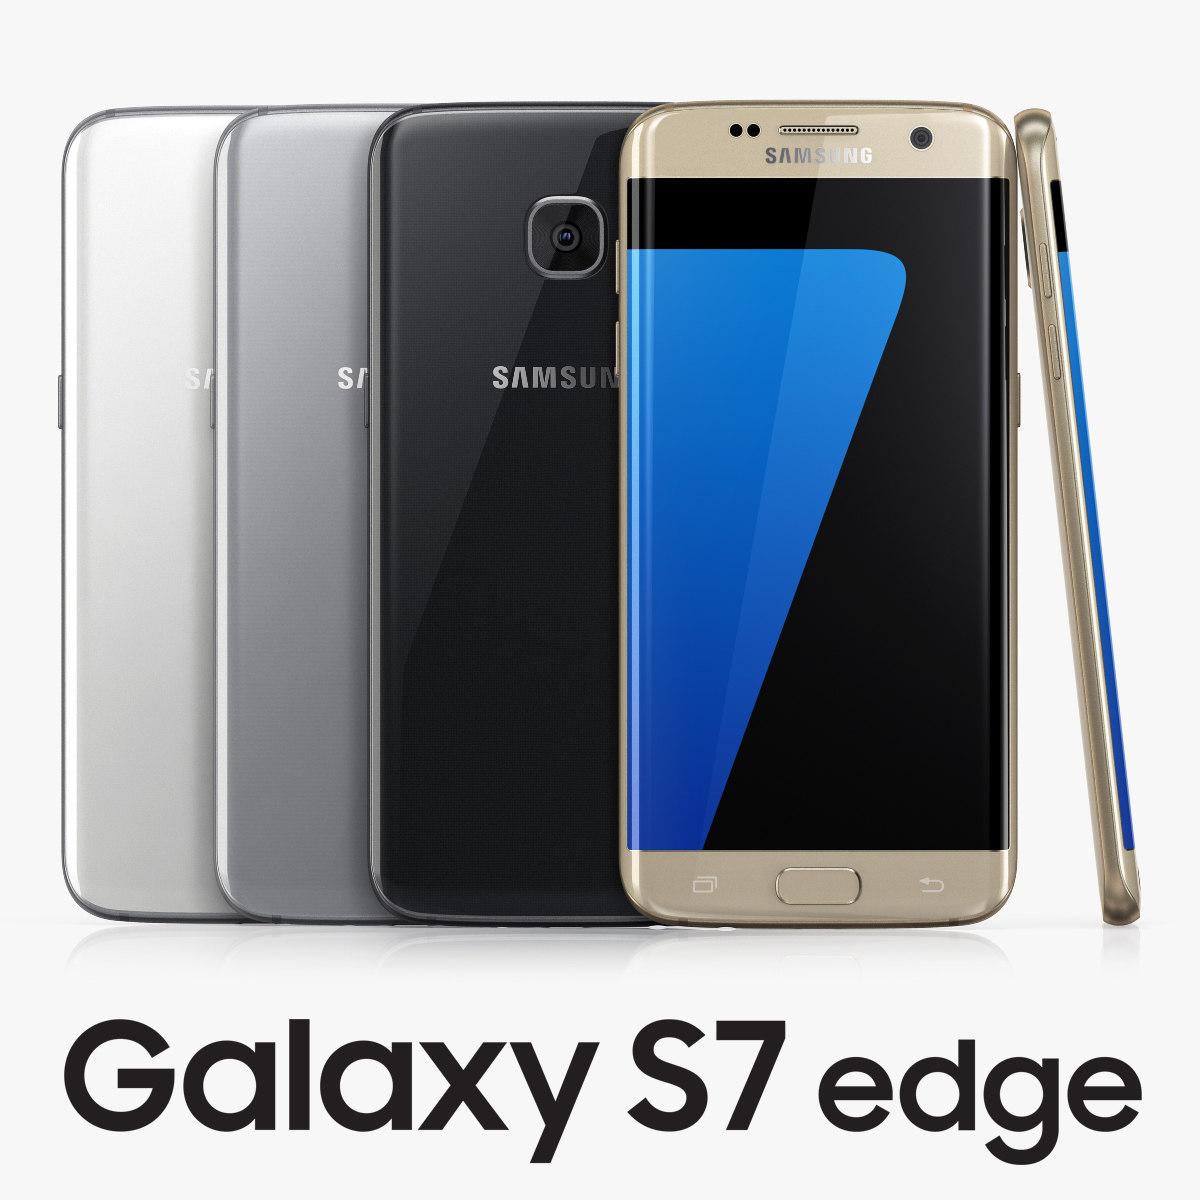 Samsung_GALAXY_S7_Edge_00.jpg